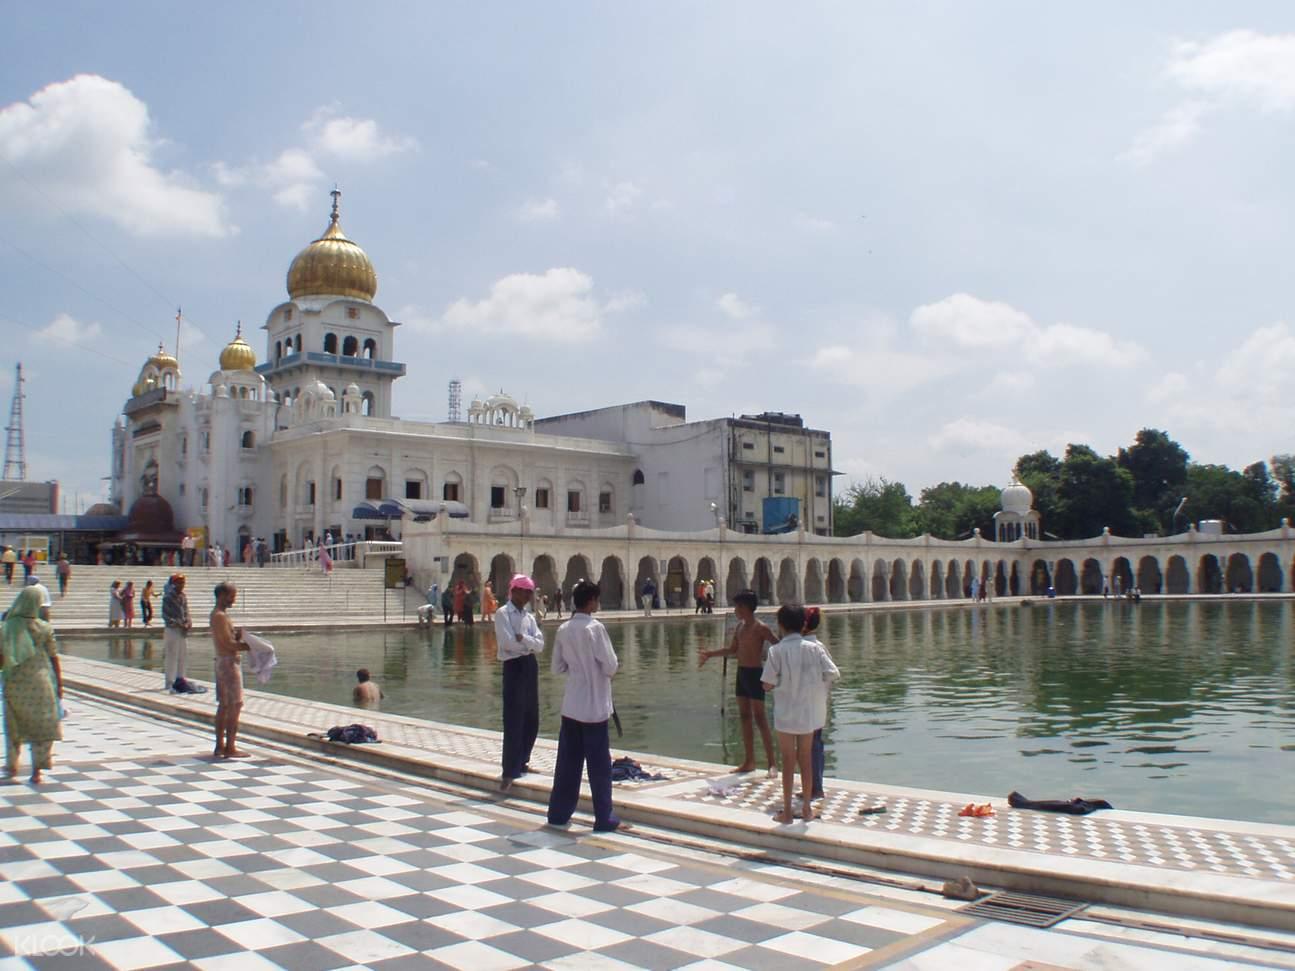 德里,德里清晨,洛迪花園,班戈拉·撒西比謁師所,國會大廈,印度門